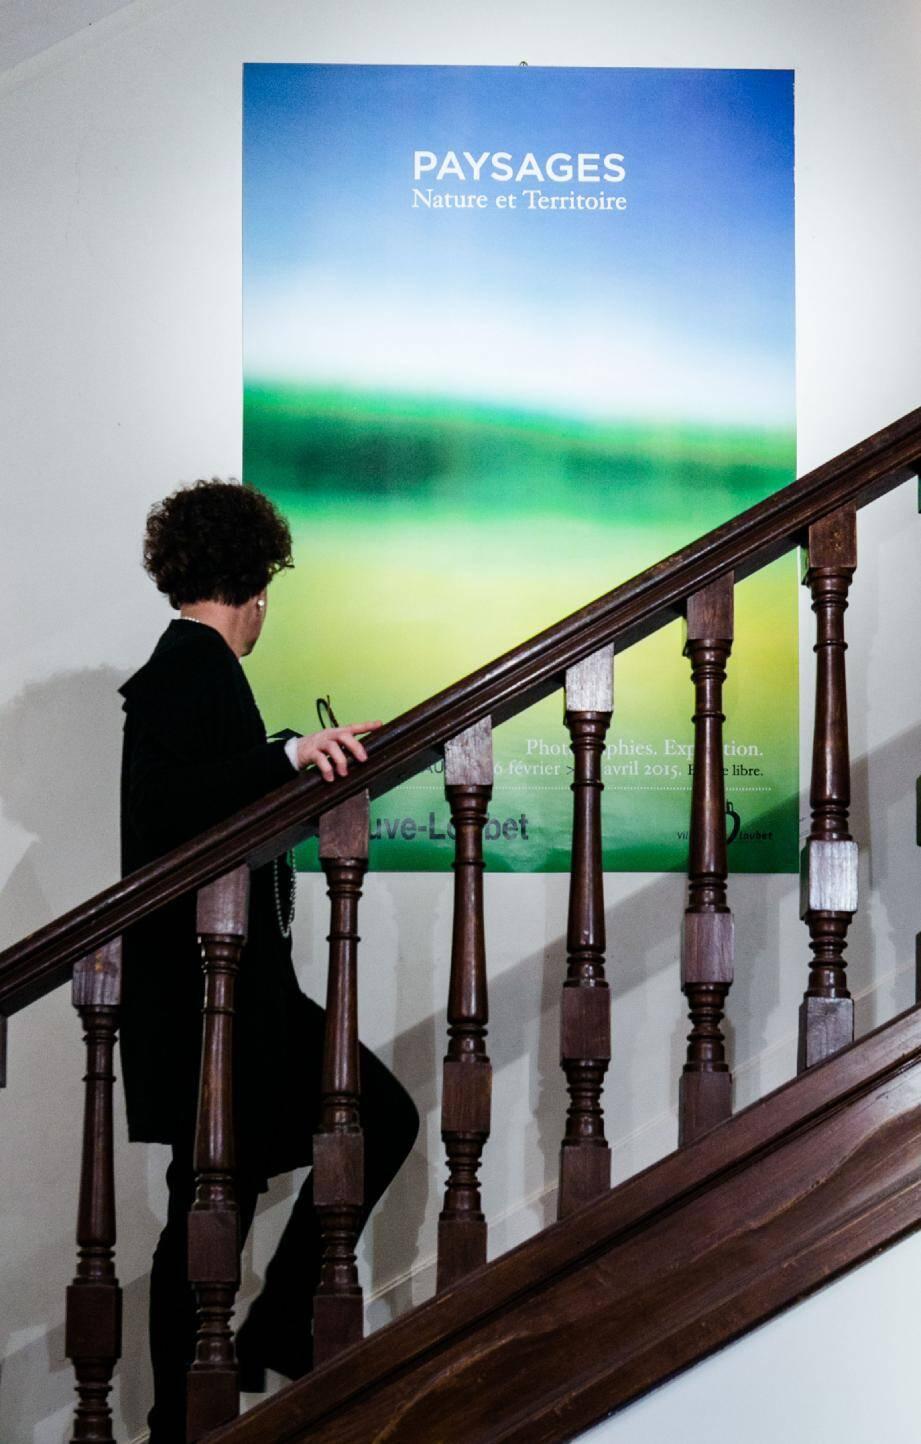 Avec ces deux expositions, Villeneuve-Loubet propose un printemps artistique sur le thème du paysage et des vues imprenables. En photo ou en tableau, la commune s'y retrouve partout valorisée.